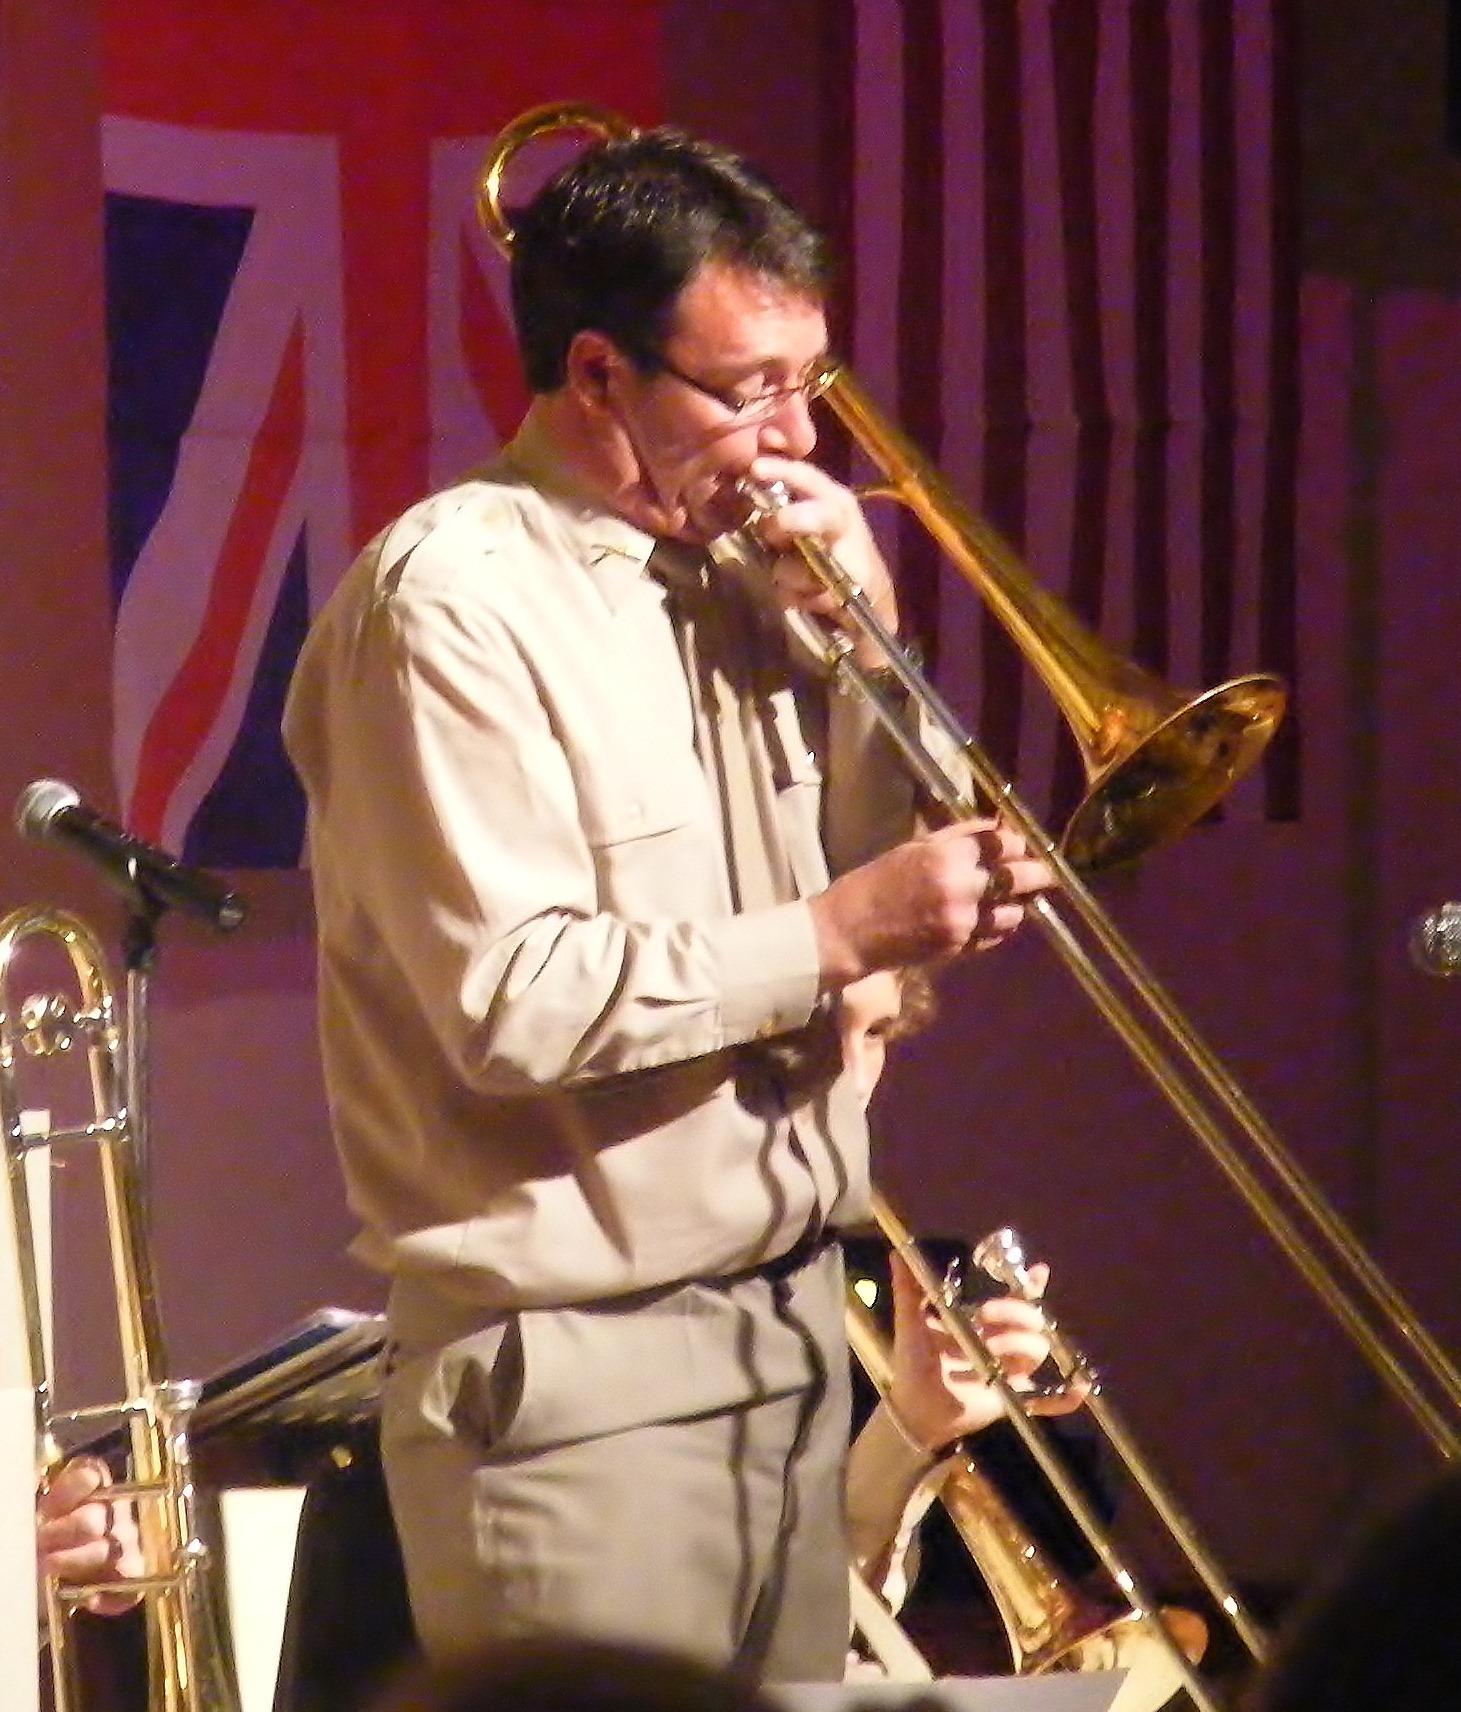 Paul on trombone